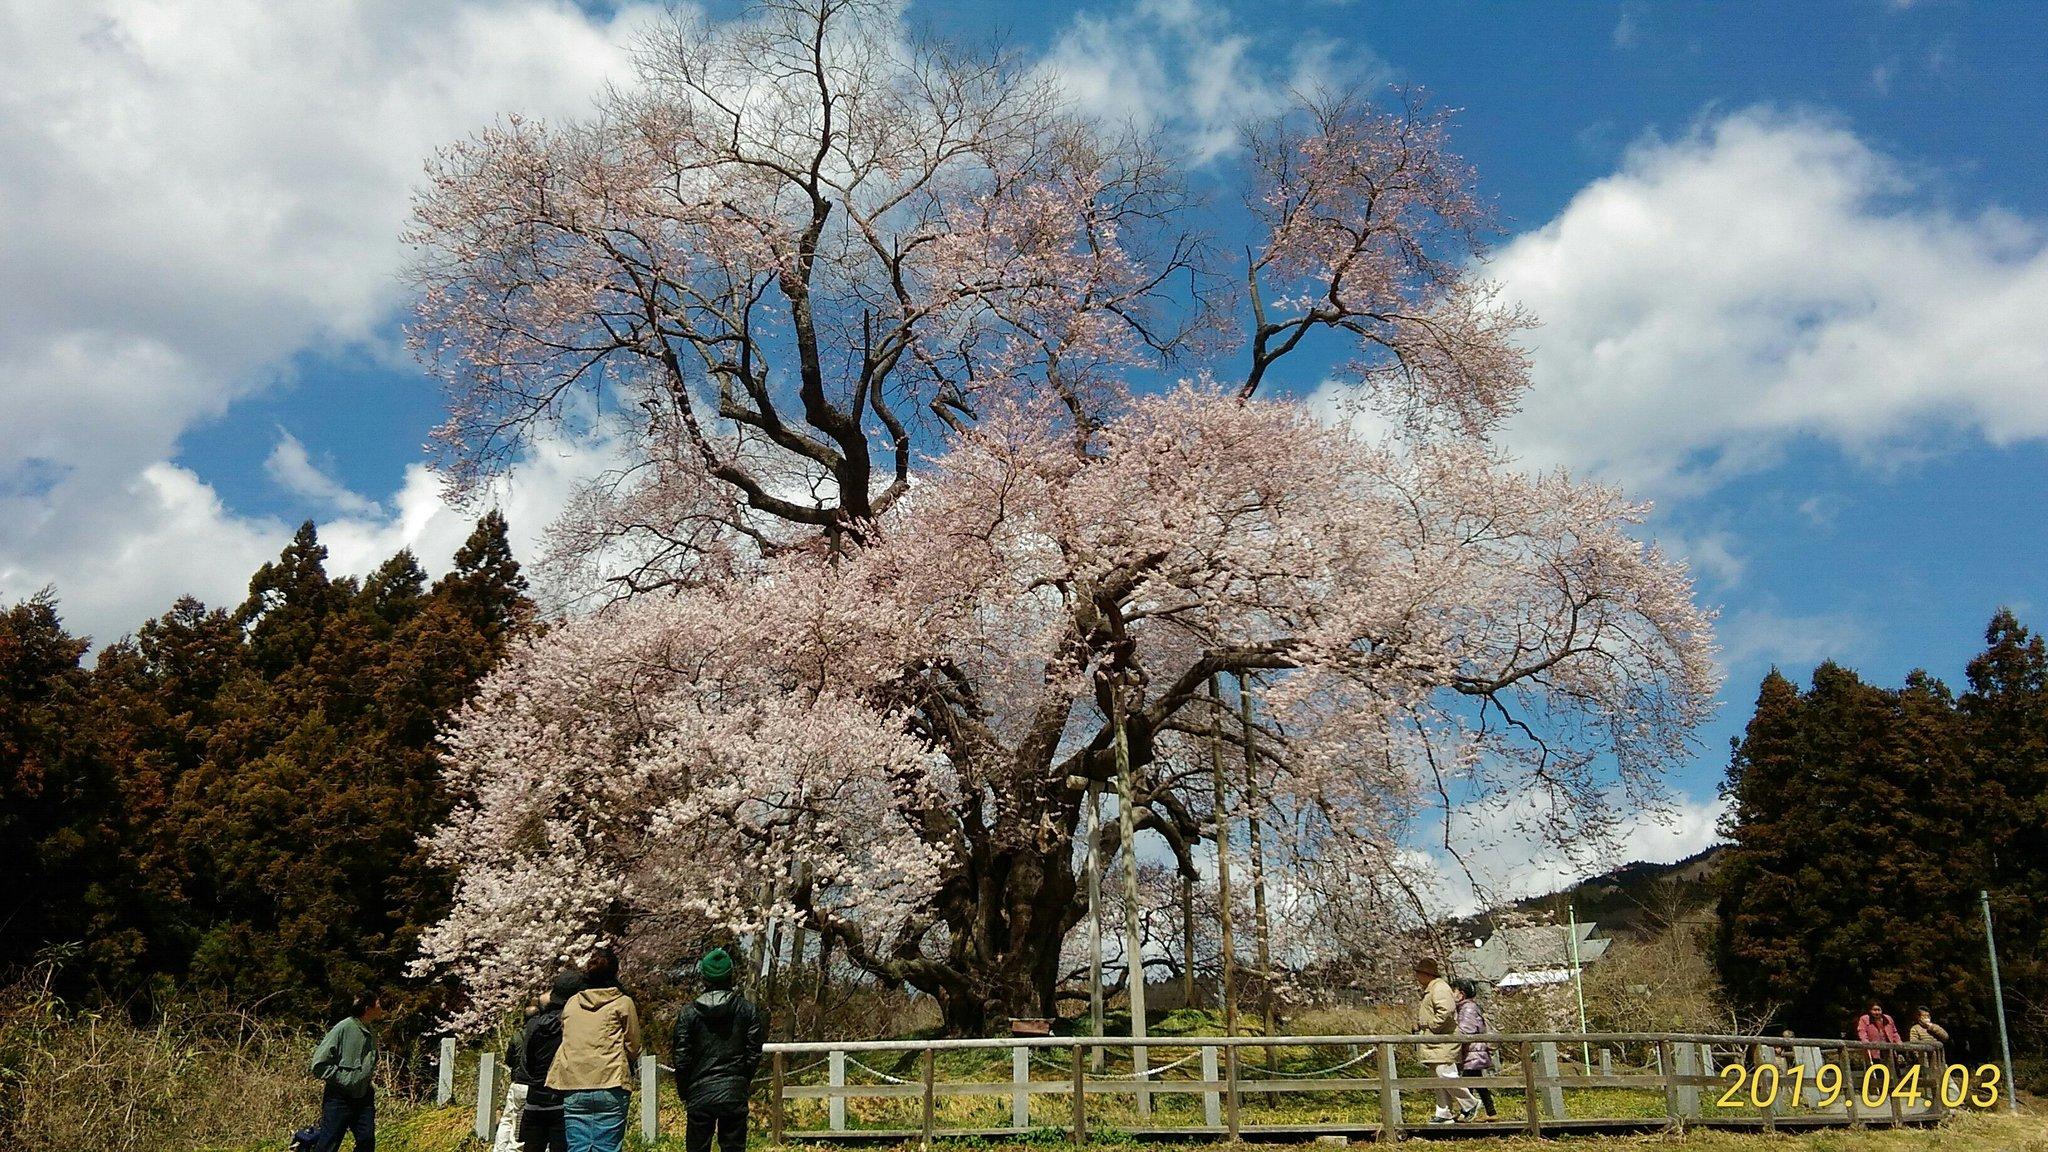 戸津辺の桜(2019/04/03)